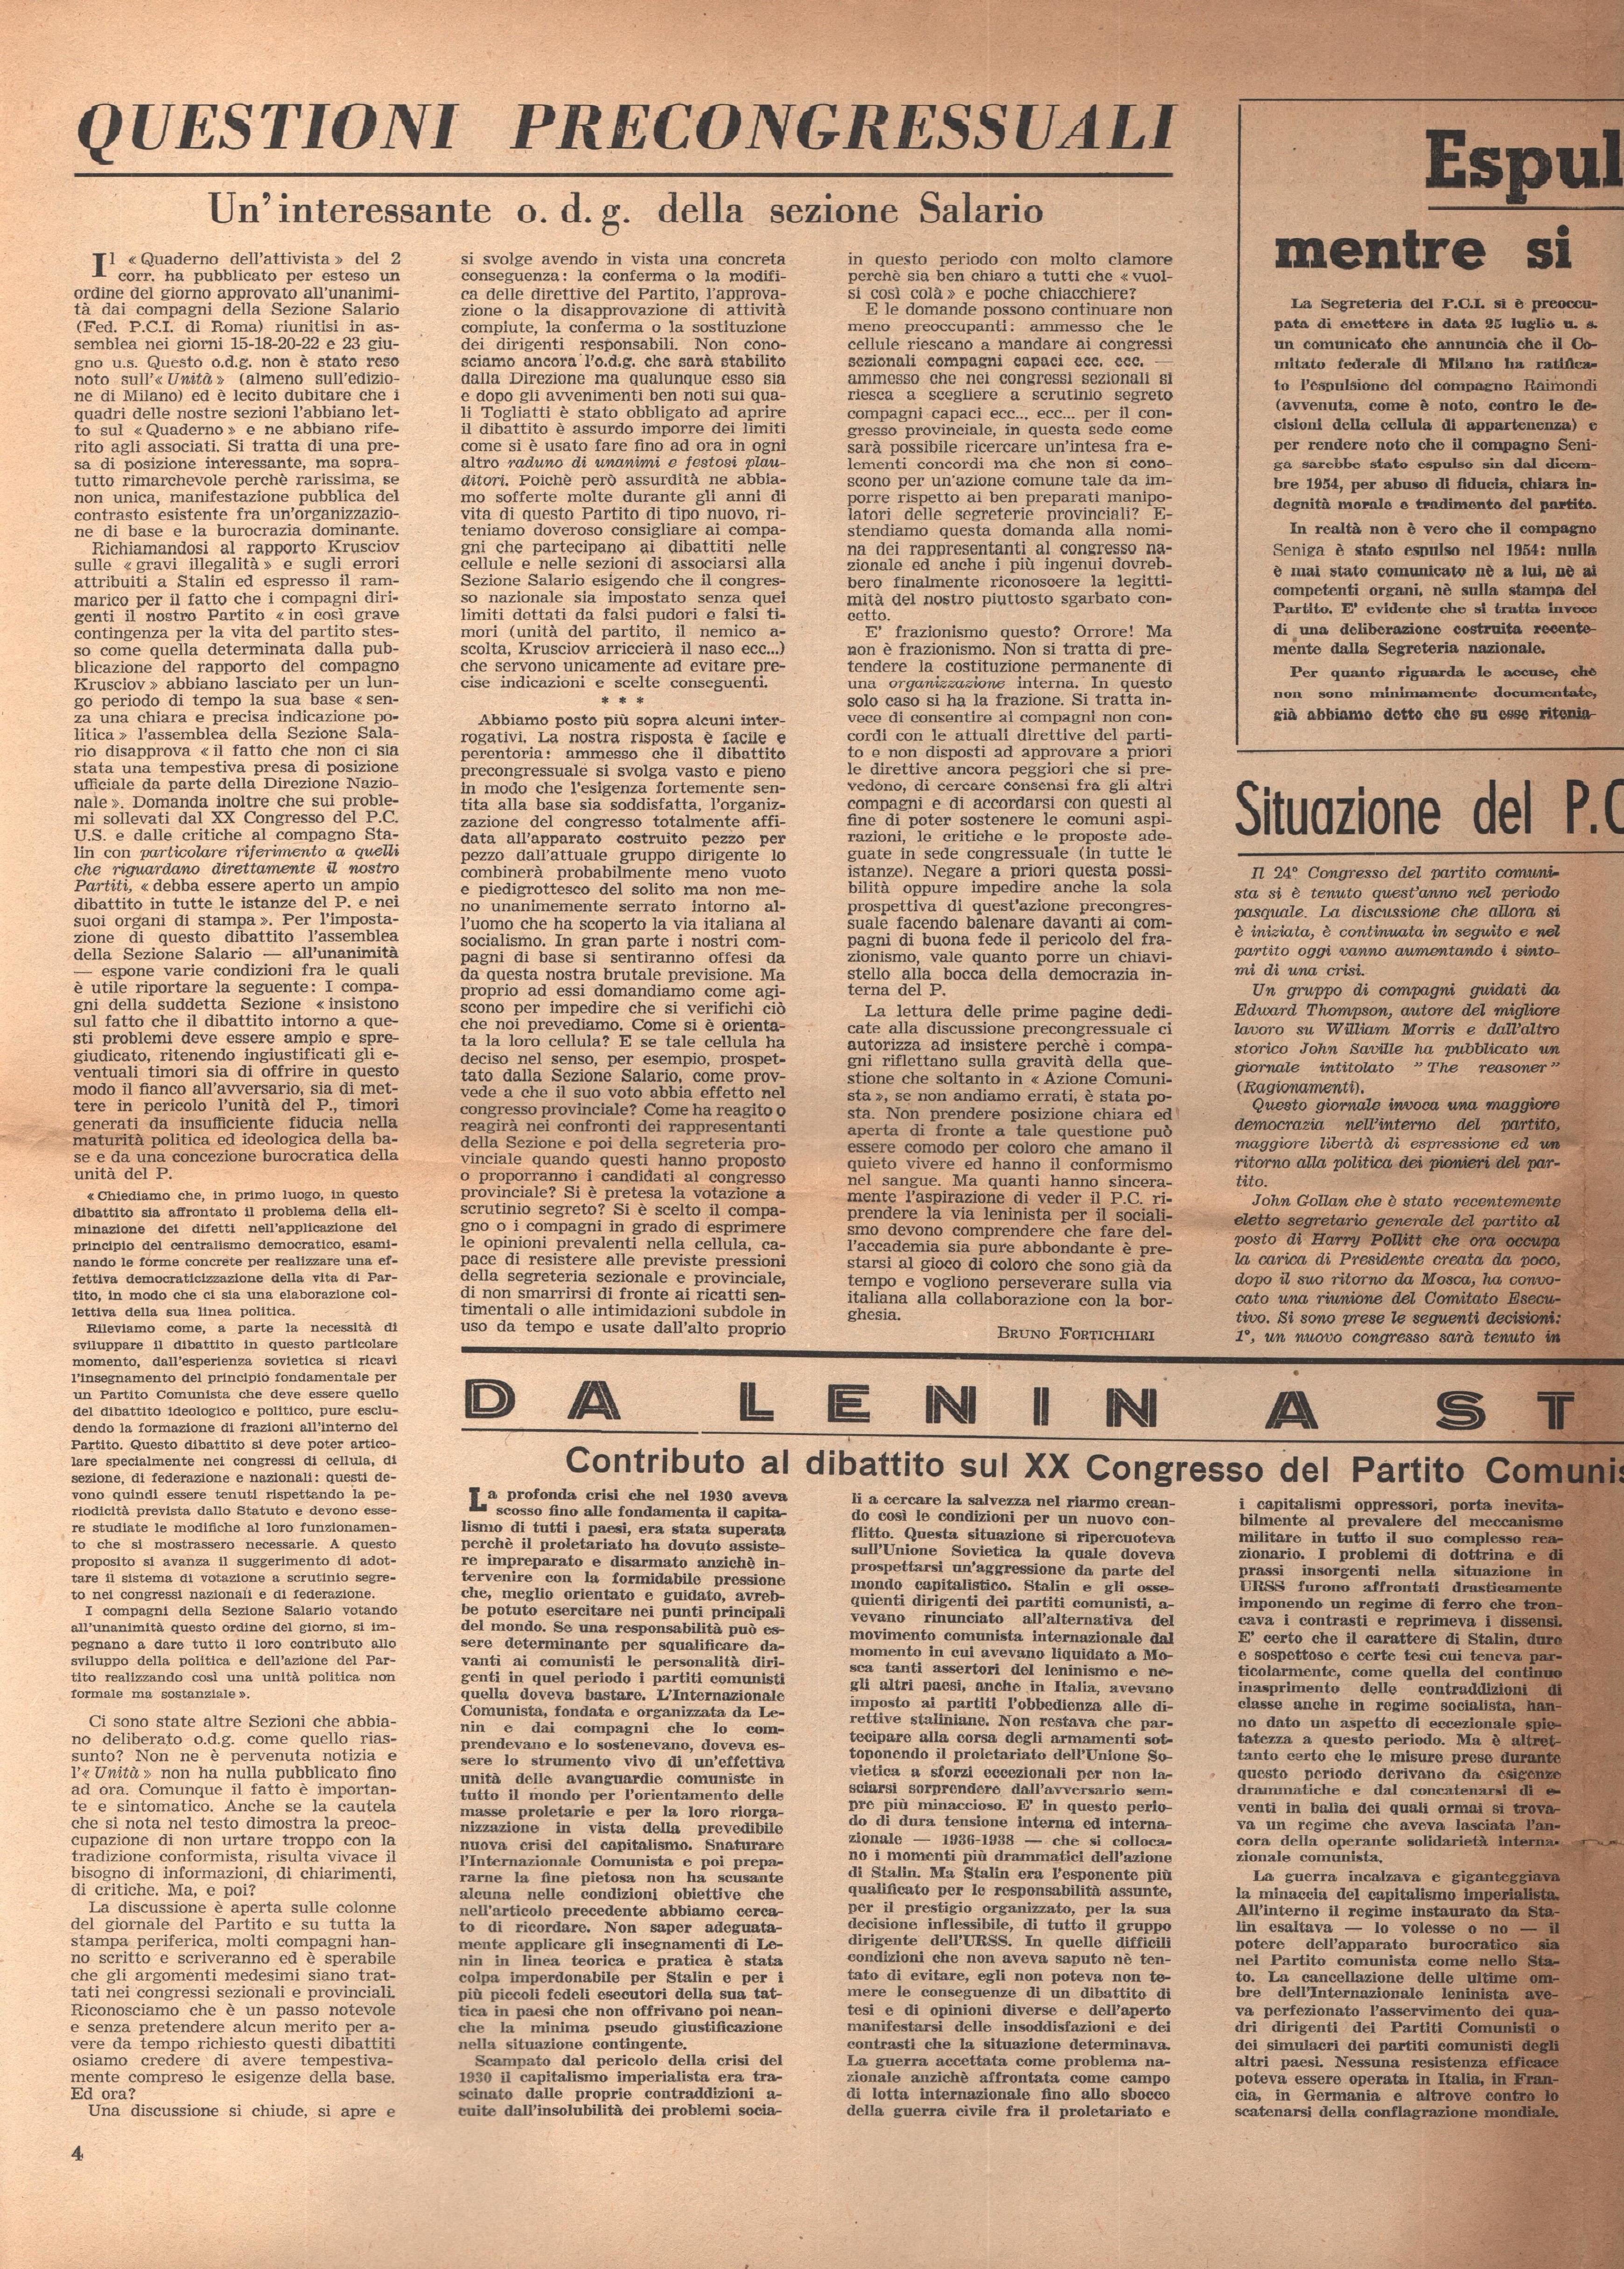 L'Azione Comunista n. 3 - pag. 4